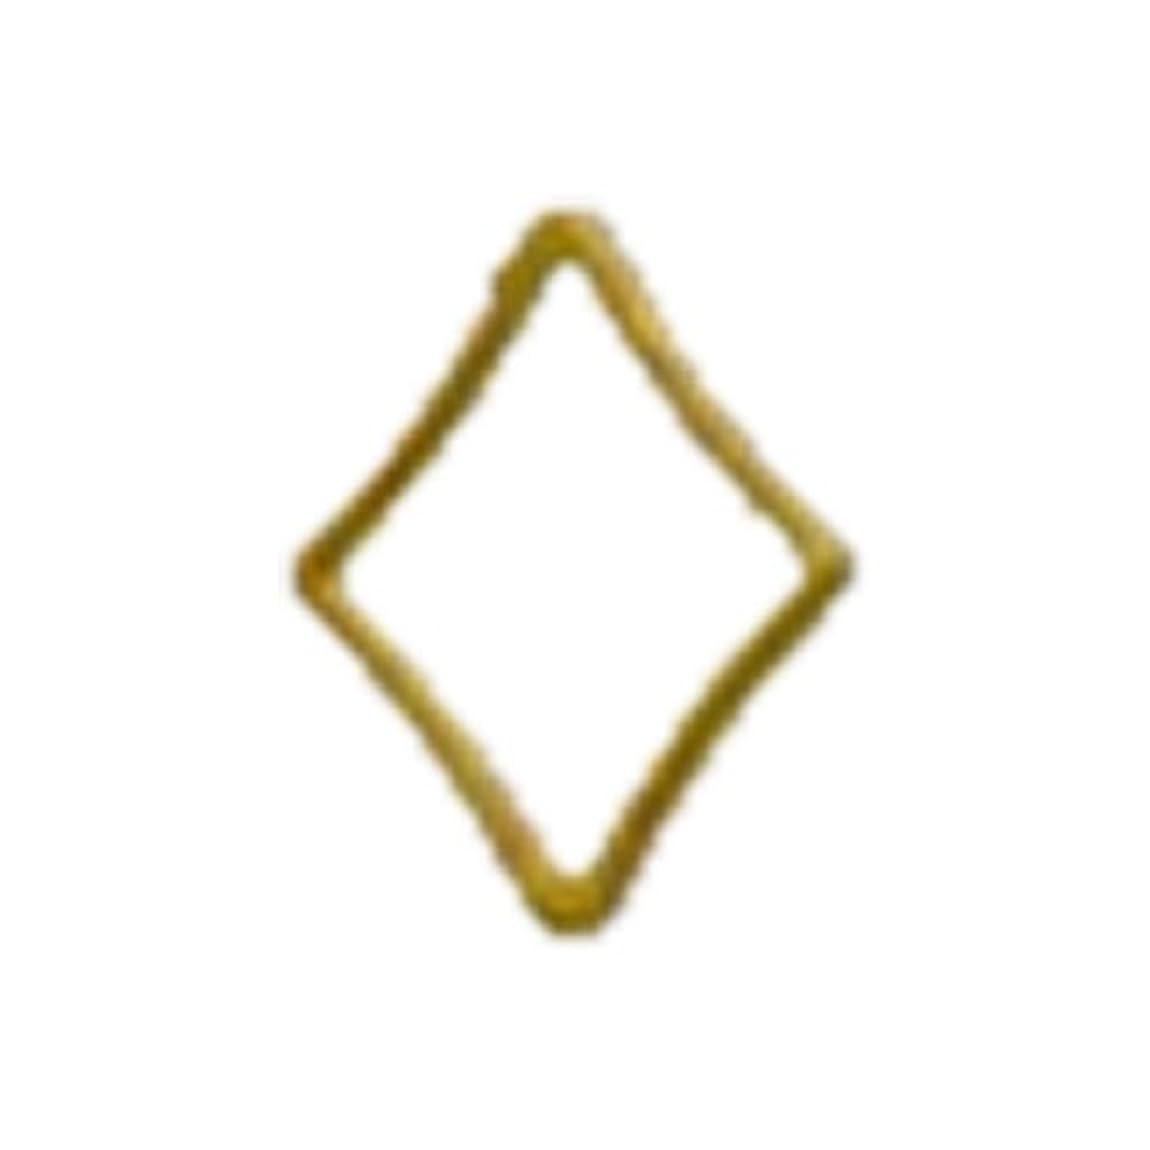 シットコムうまくやる()未満リトルプリティー ネイルアートパーツ キラキラ 3S ゴールド 20個